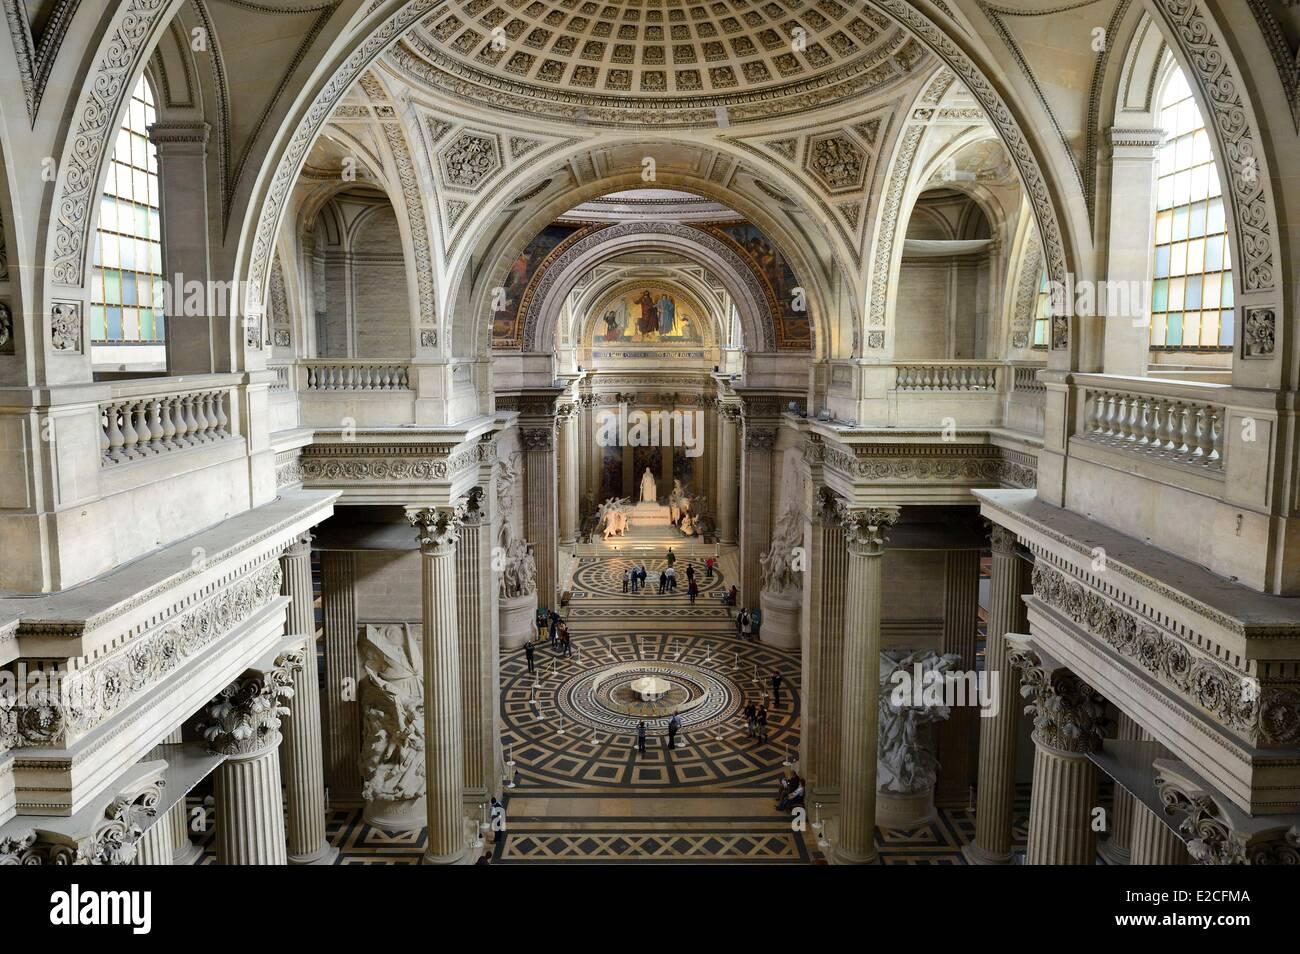 Pantheon immagini pantheon fotos stock alamy for Esterno pantheon